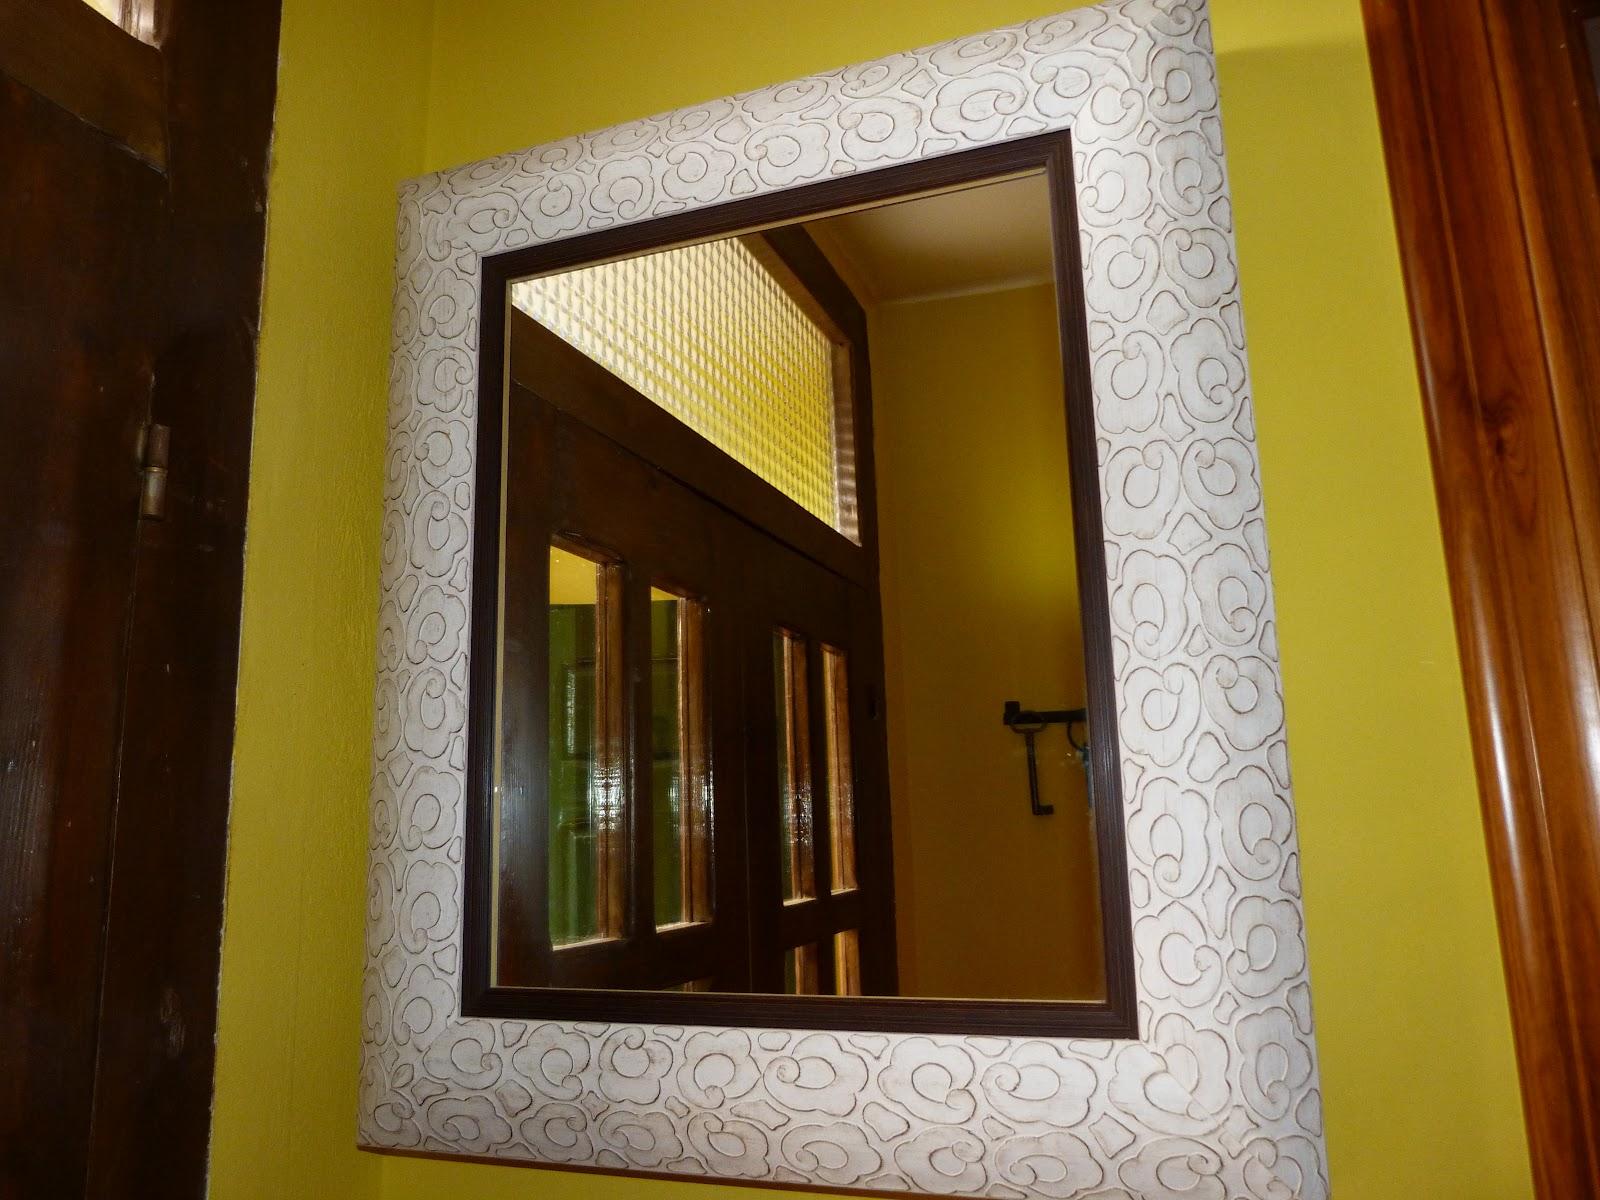 este espejo en realidad est en la entrada camuflando los cuadros electricos como podeis ver tambin tengo una lechera a la espera de ser tuneada